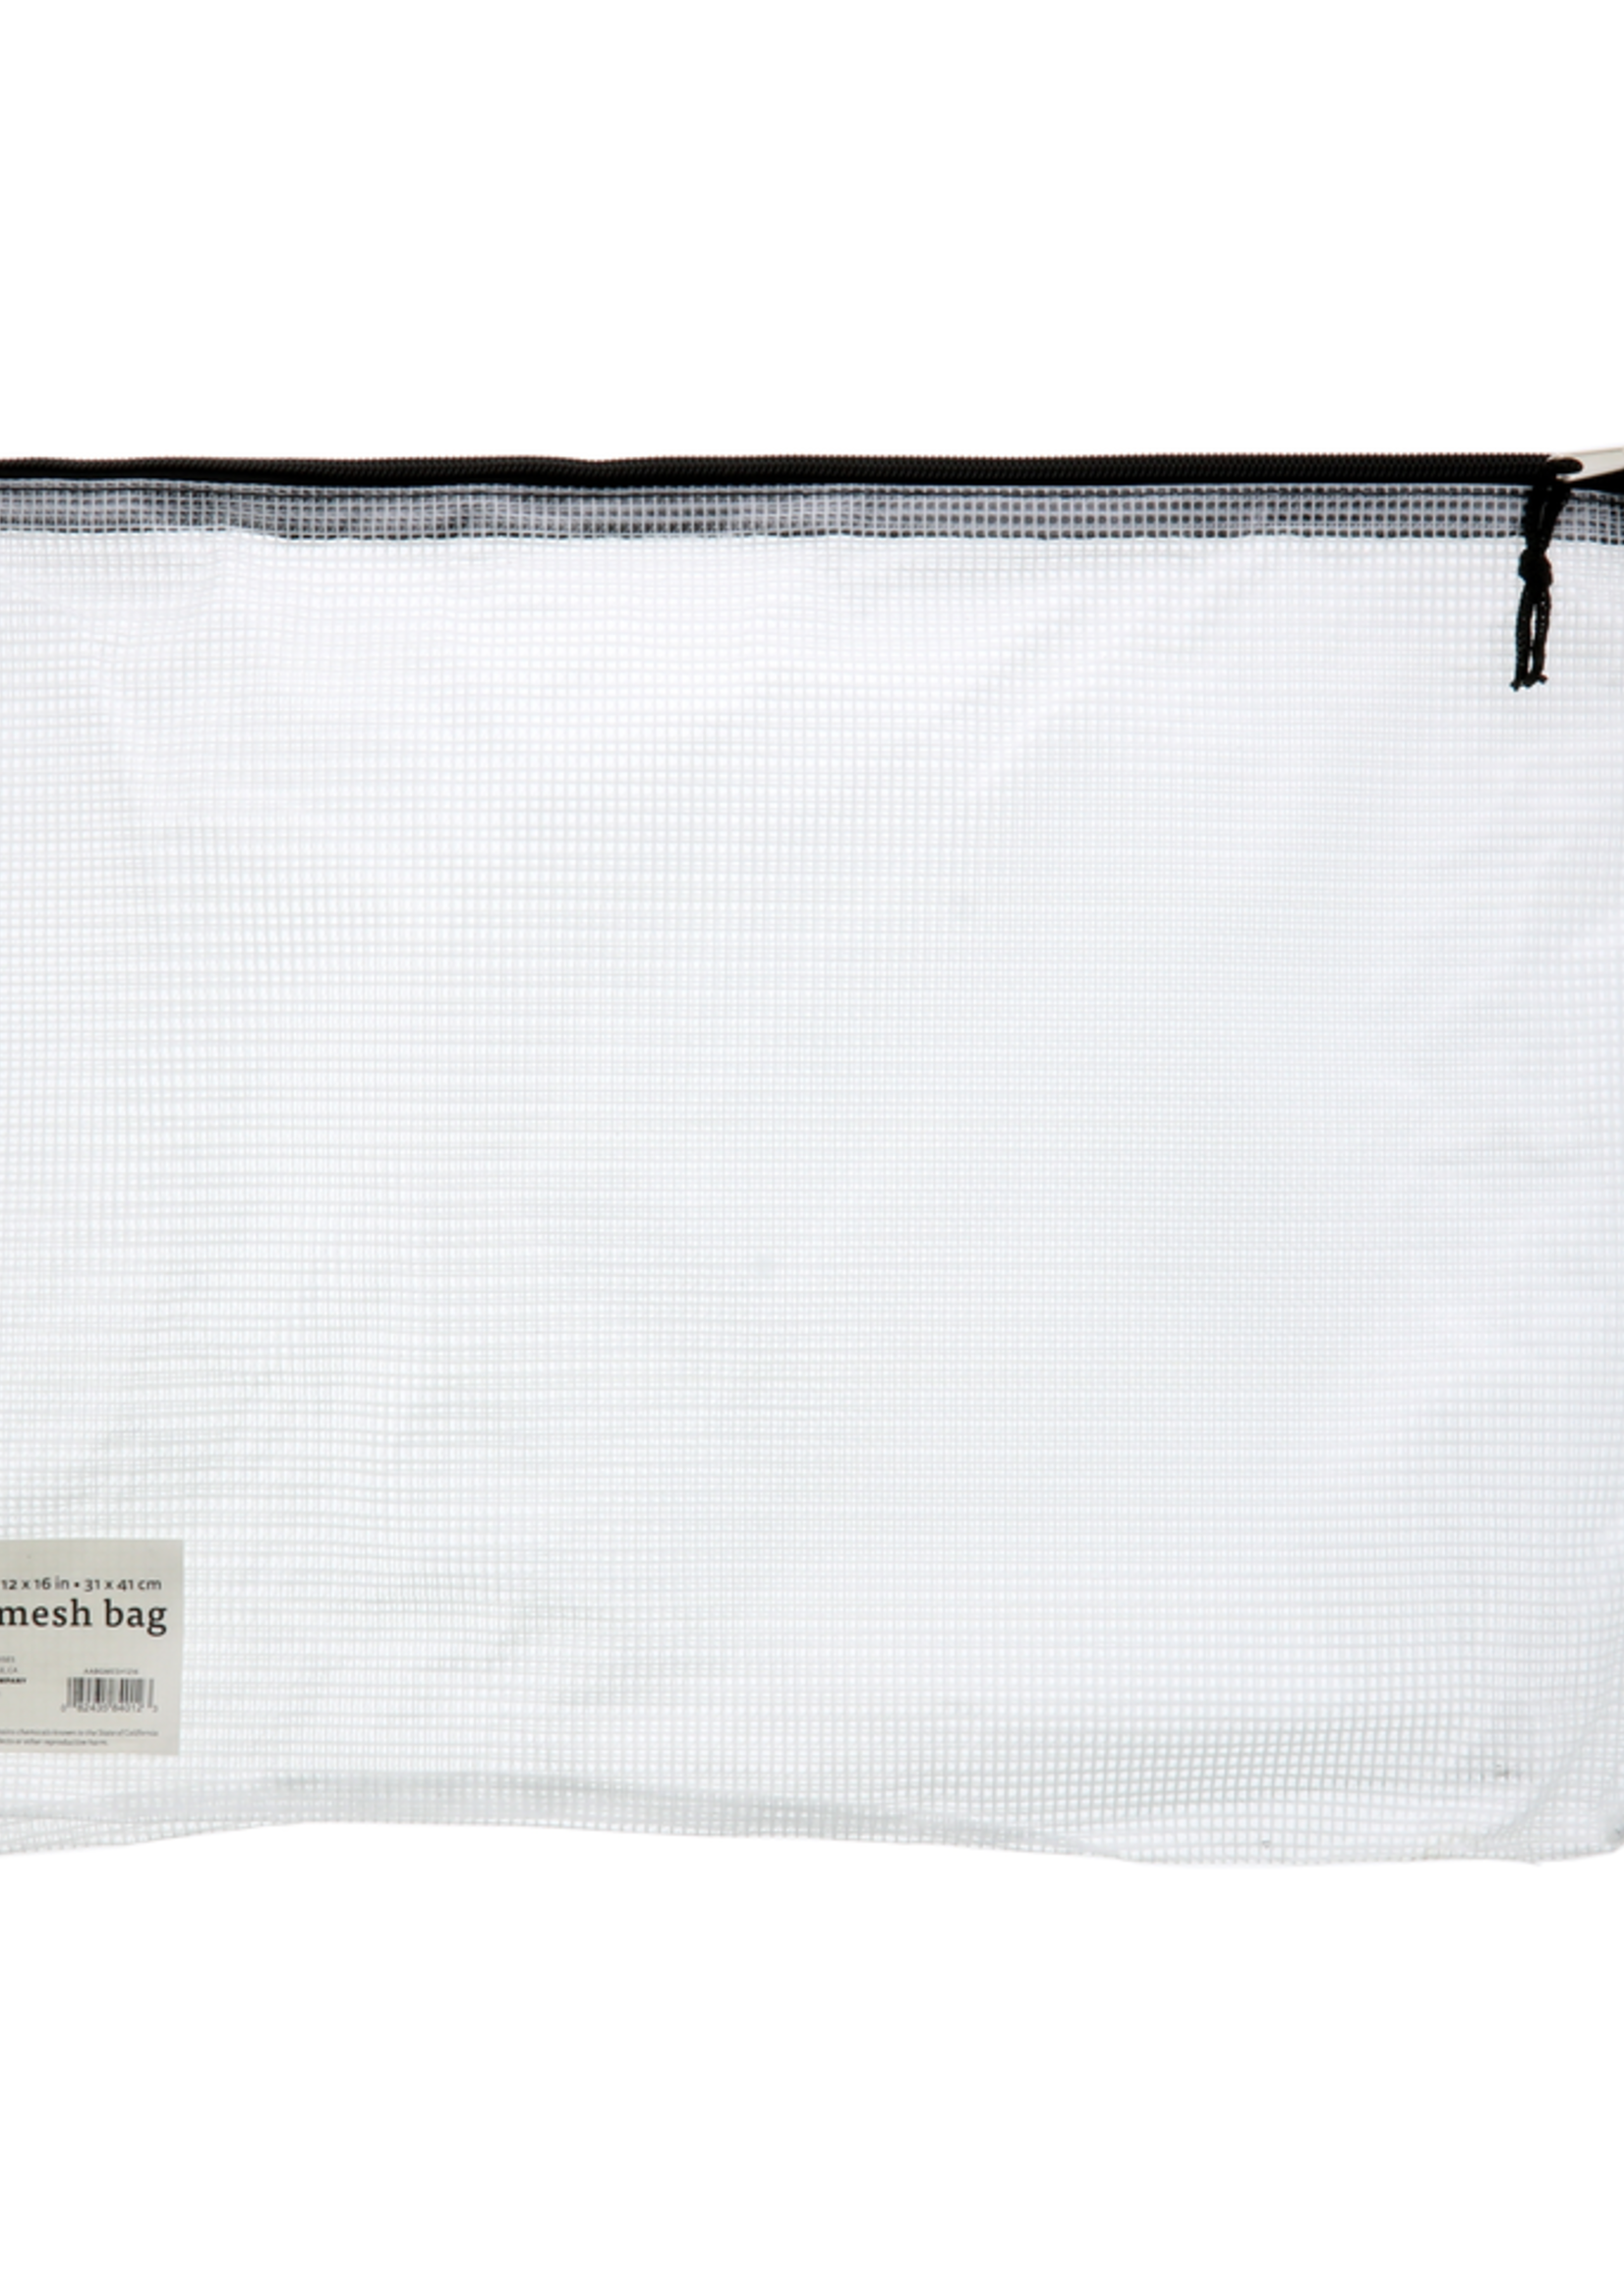 ART ALTERNATIVES MESH WHITE BAG